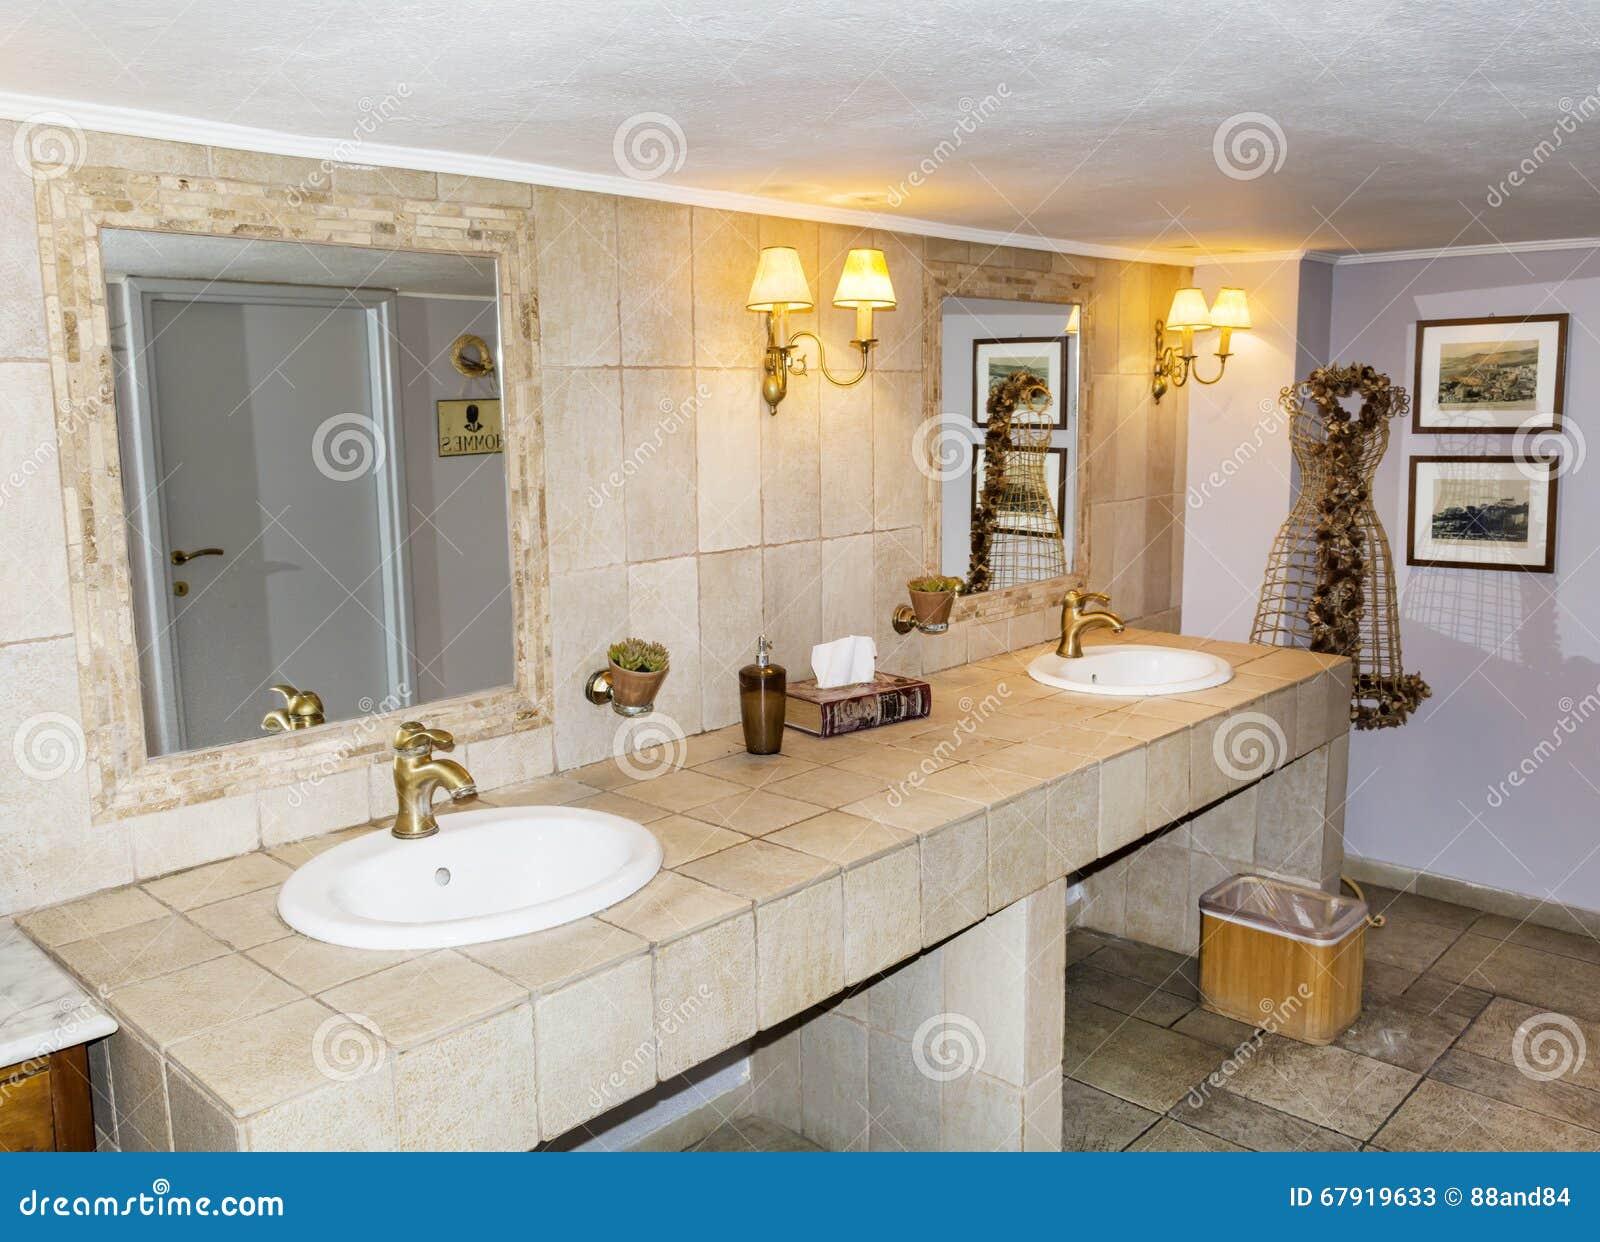 Download Modernes Badezimmer Innen, Modernes Design Stockbild   Bild Von  Haupt, Auslegung: 67919633